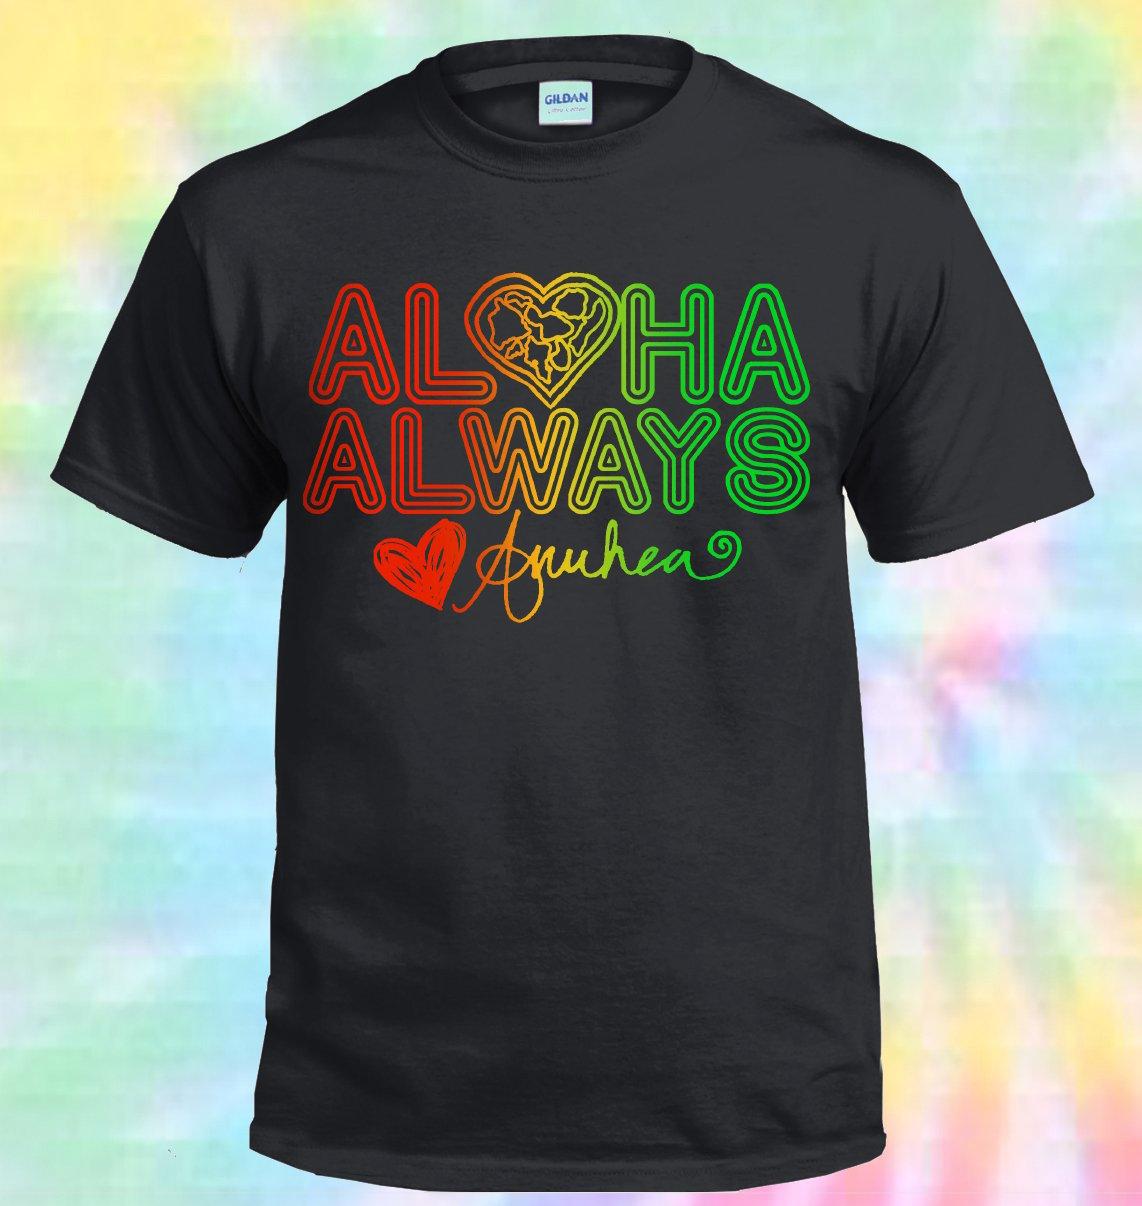 Image of Aloha Always T-Shirt - Adult Size